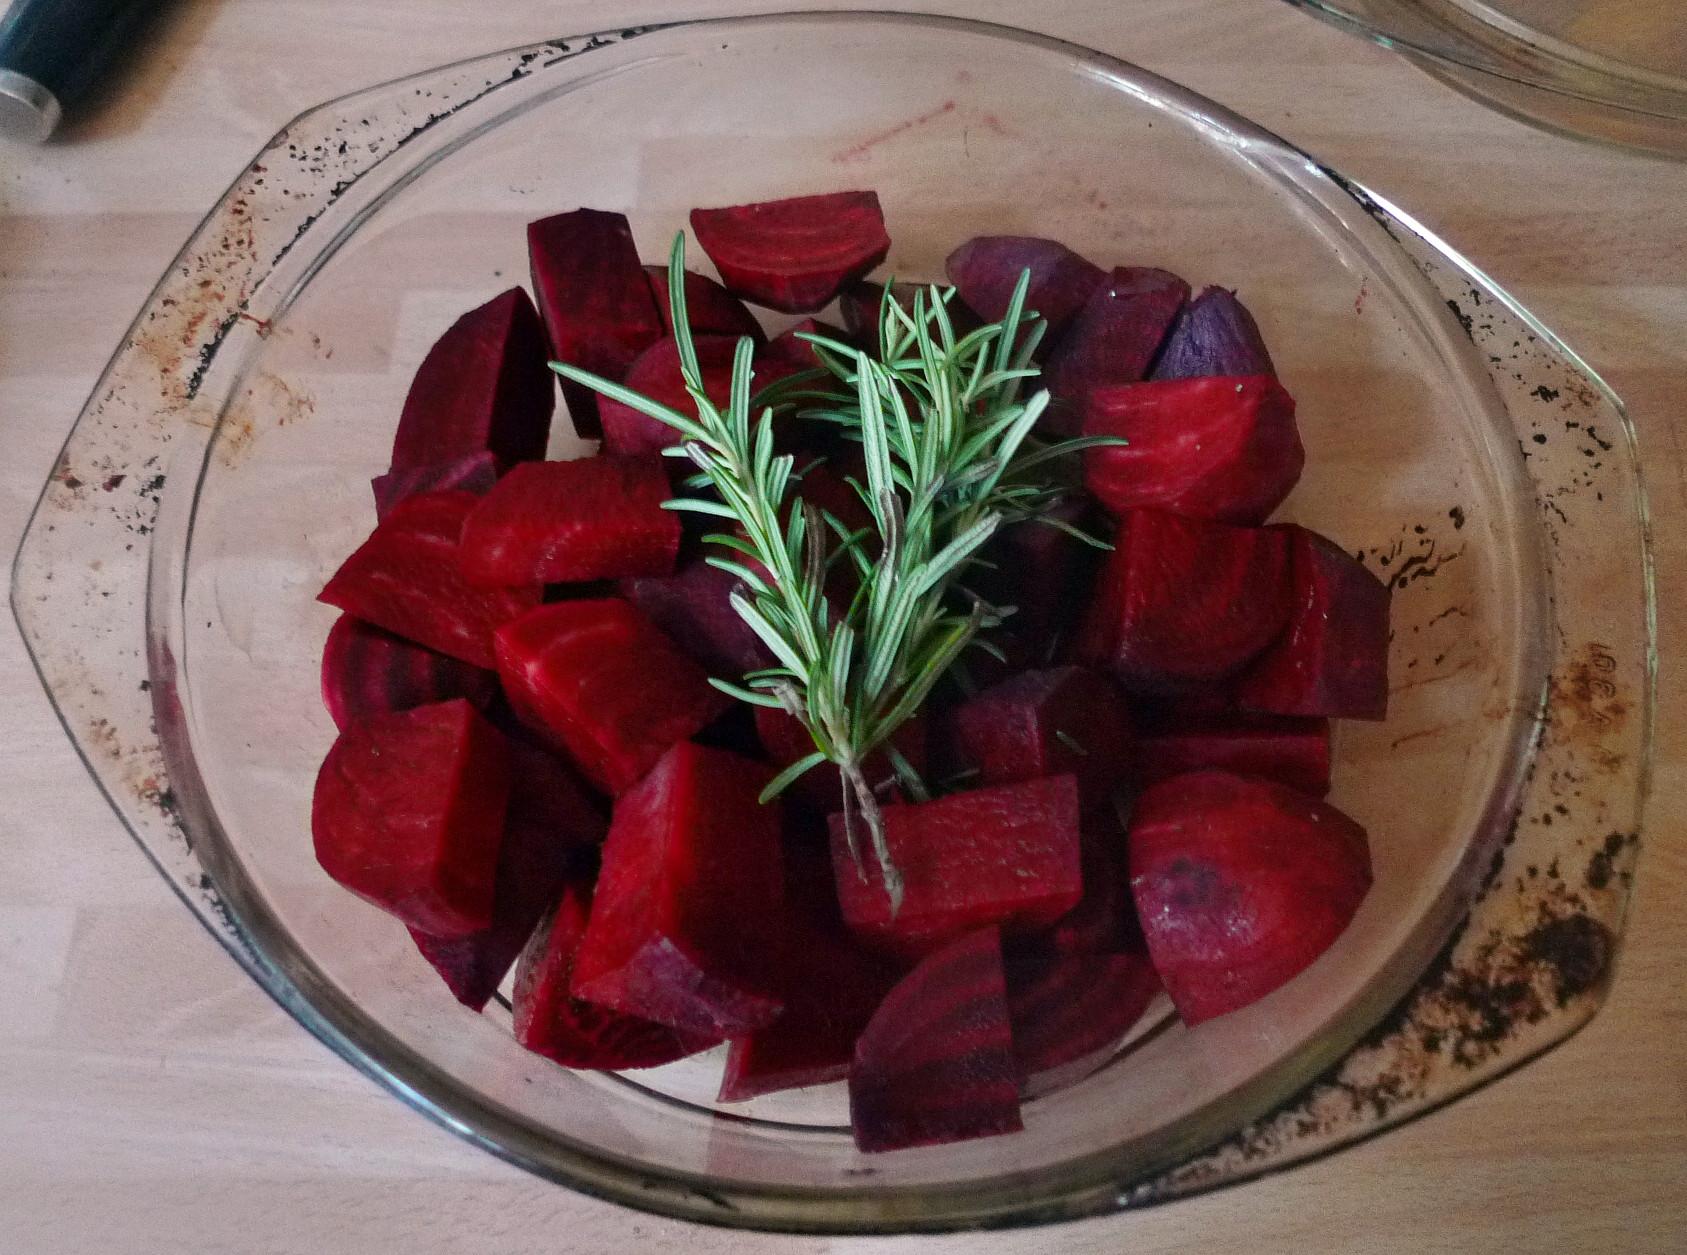 Rote betegemüse,gebratener Reis,Joghurtdip,Kohlrabisalat - 27.3.15   (3)